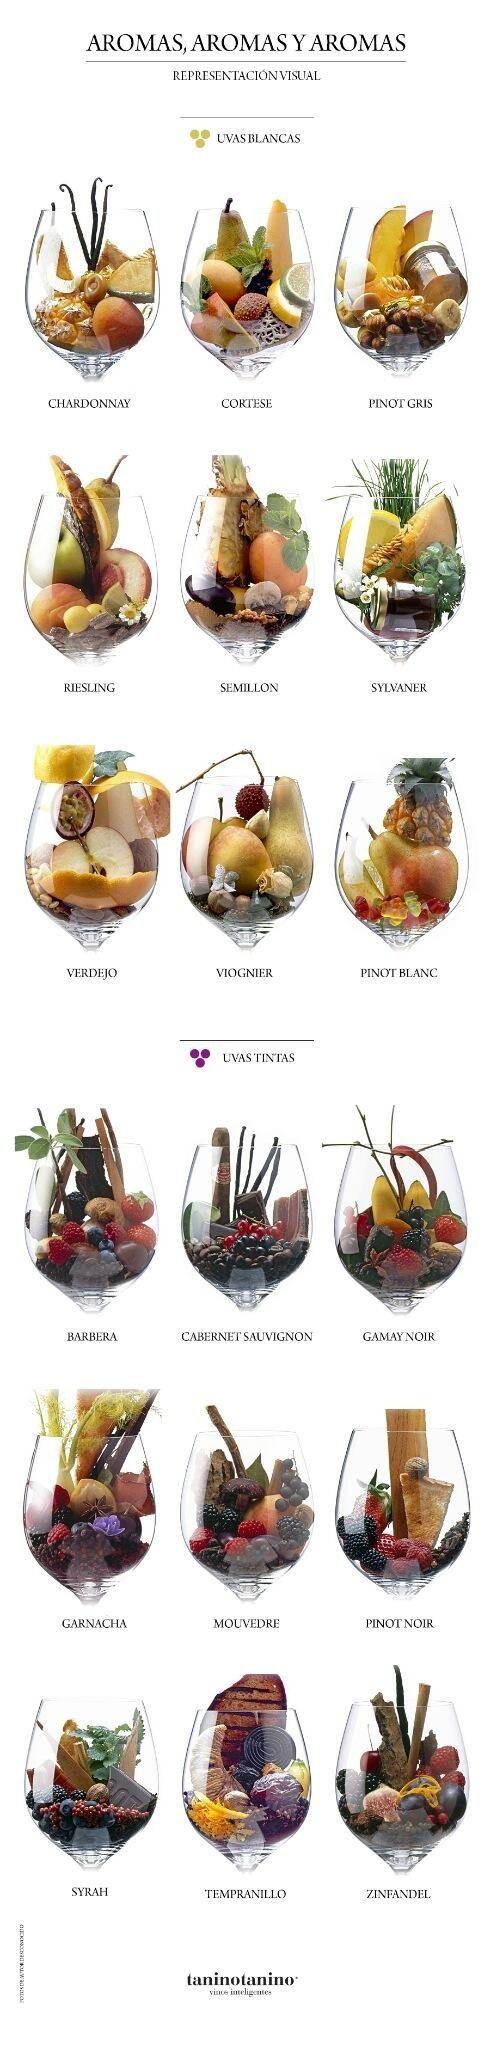 Aromas, Aromas, aromas, representación visual en copas de los aromas de vino blanco y tinto